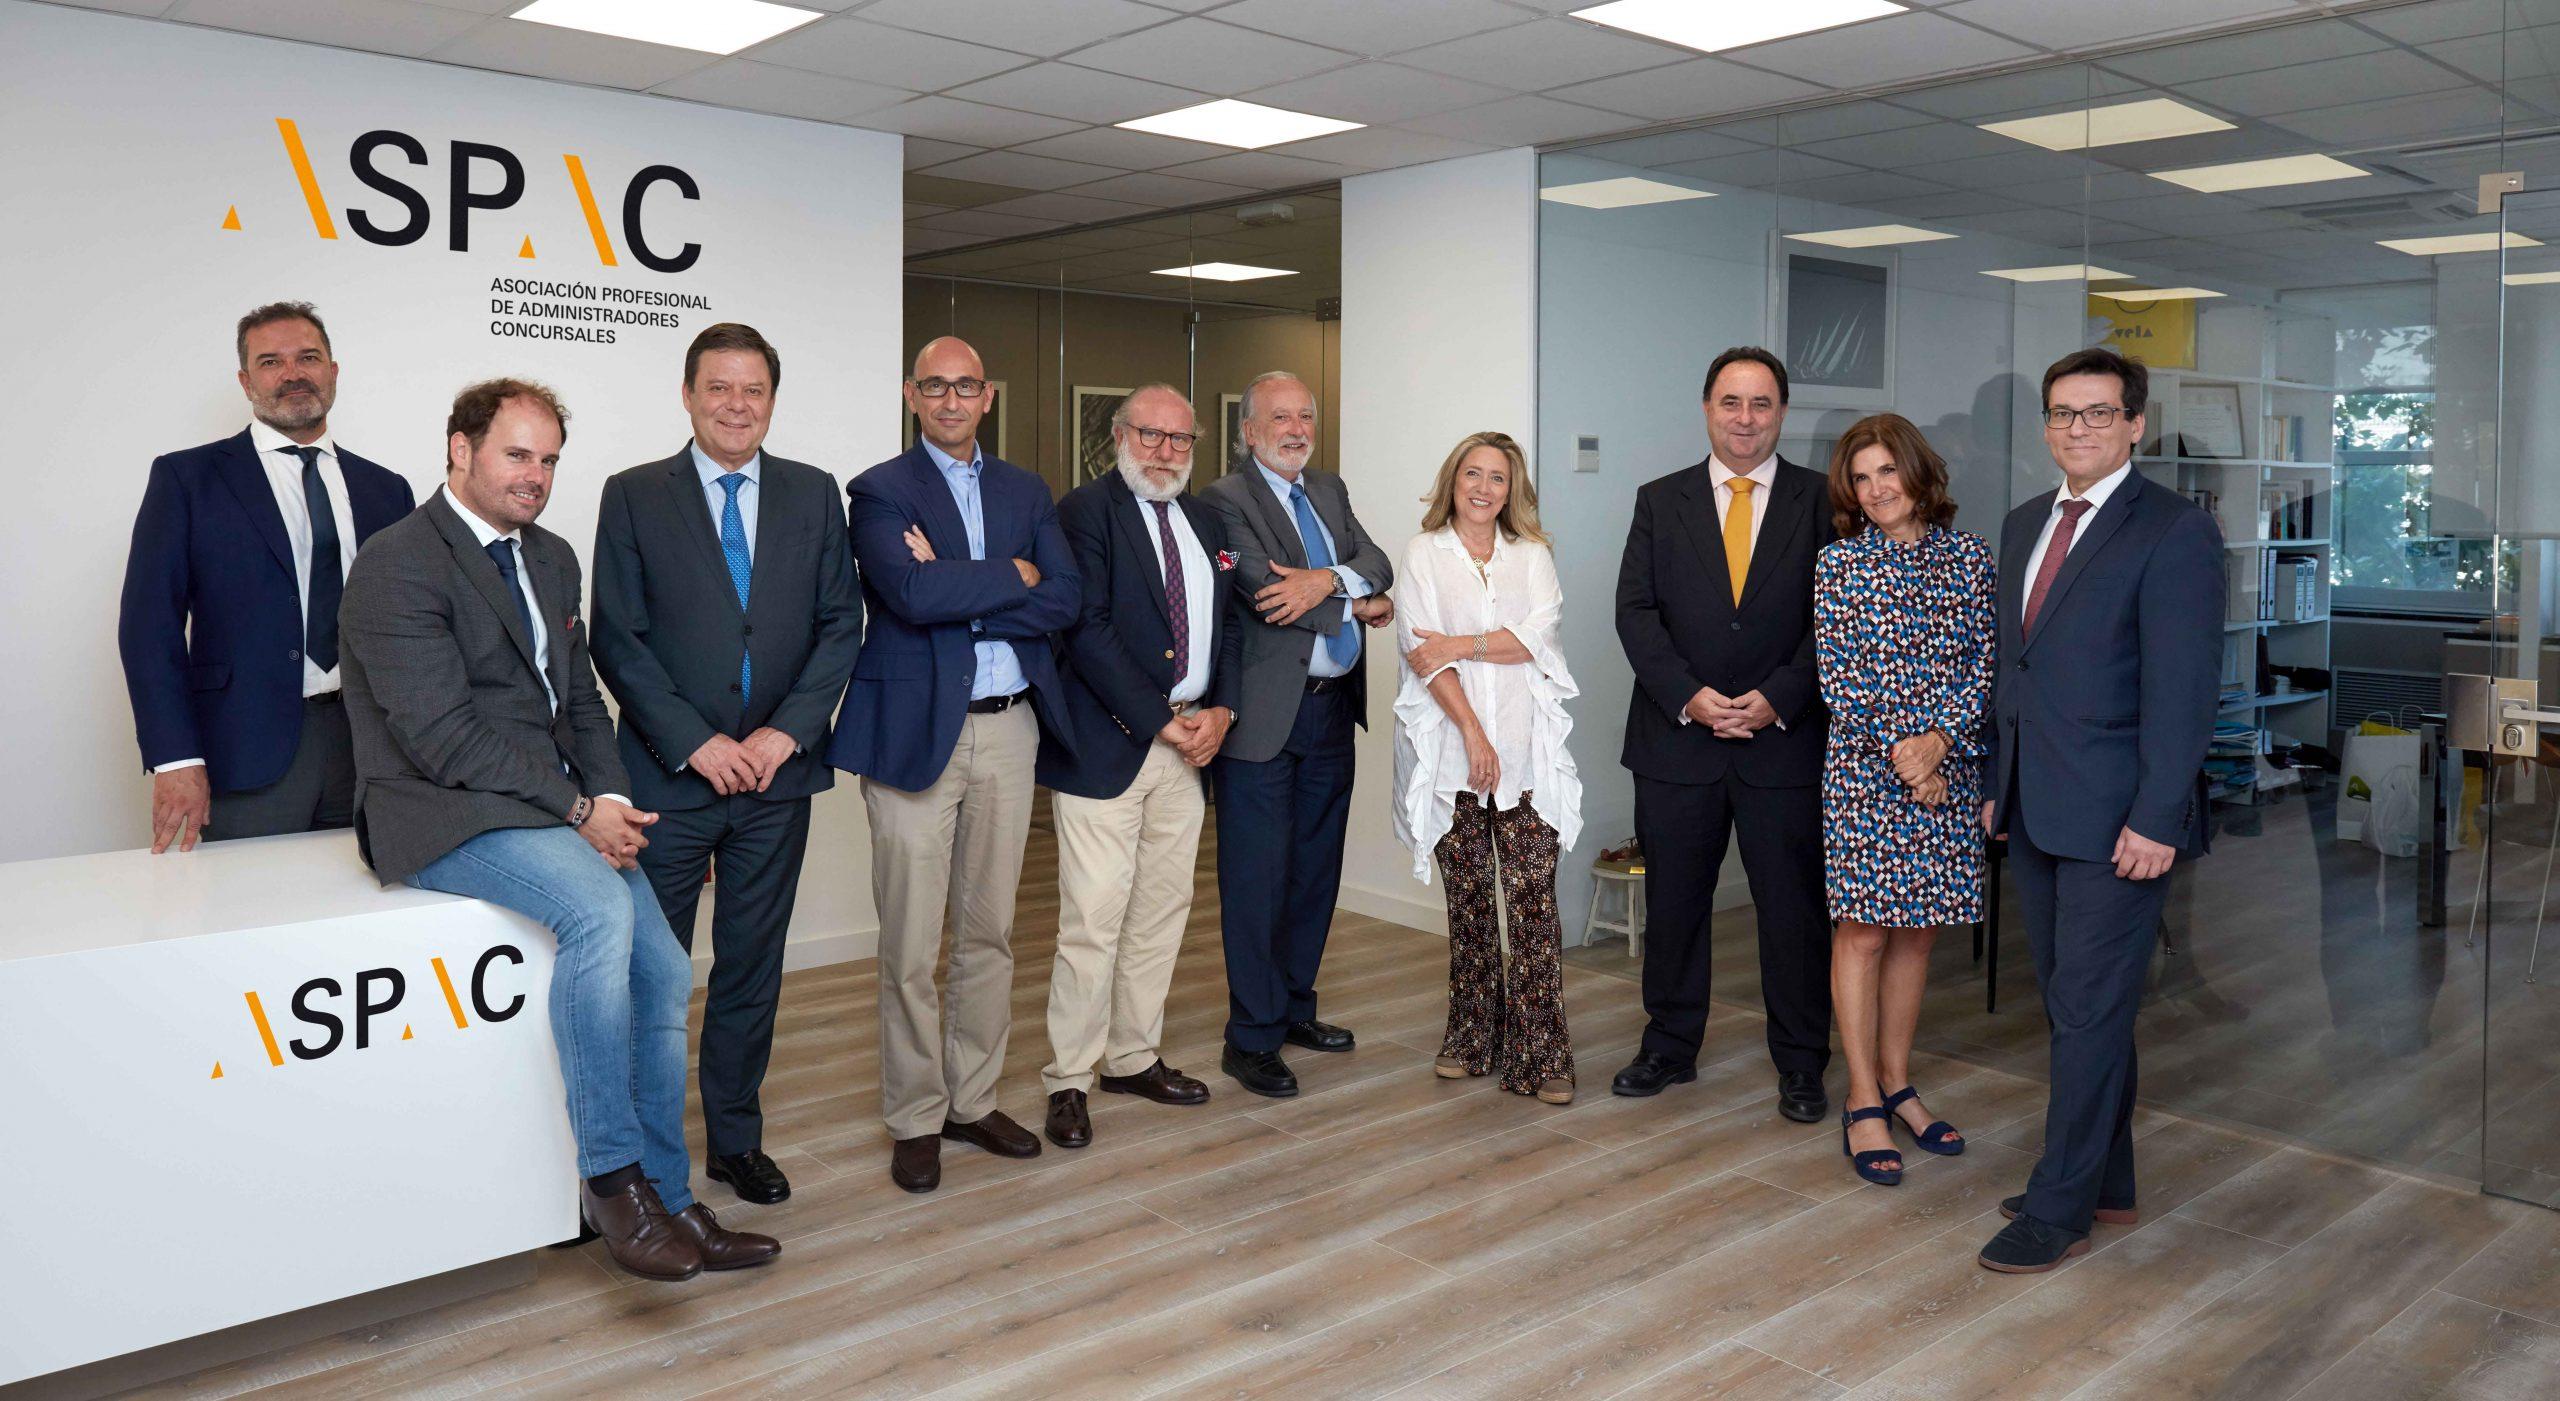 ASPAC reivindica una remuneración justa para los Administradores Concursales